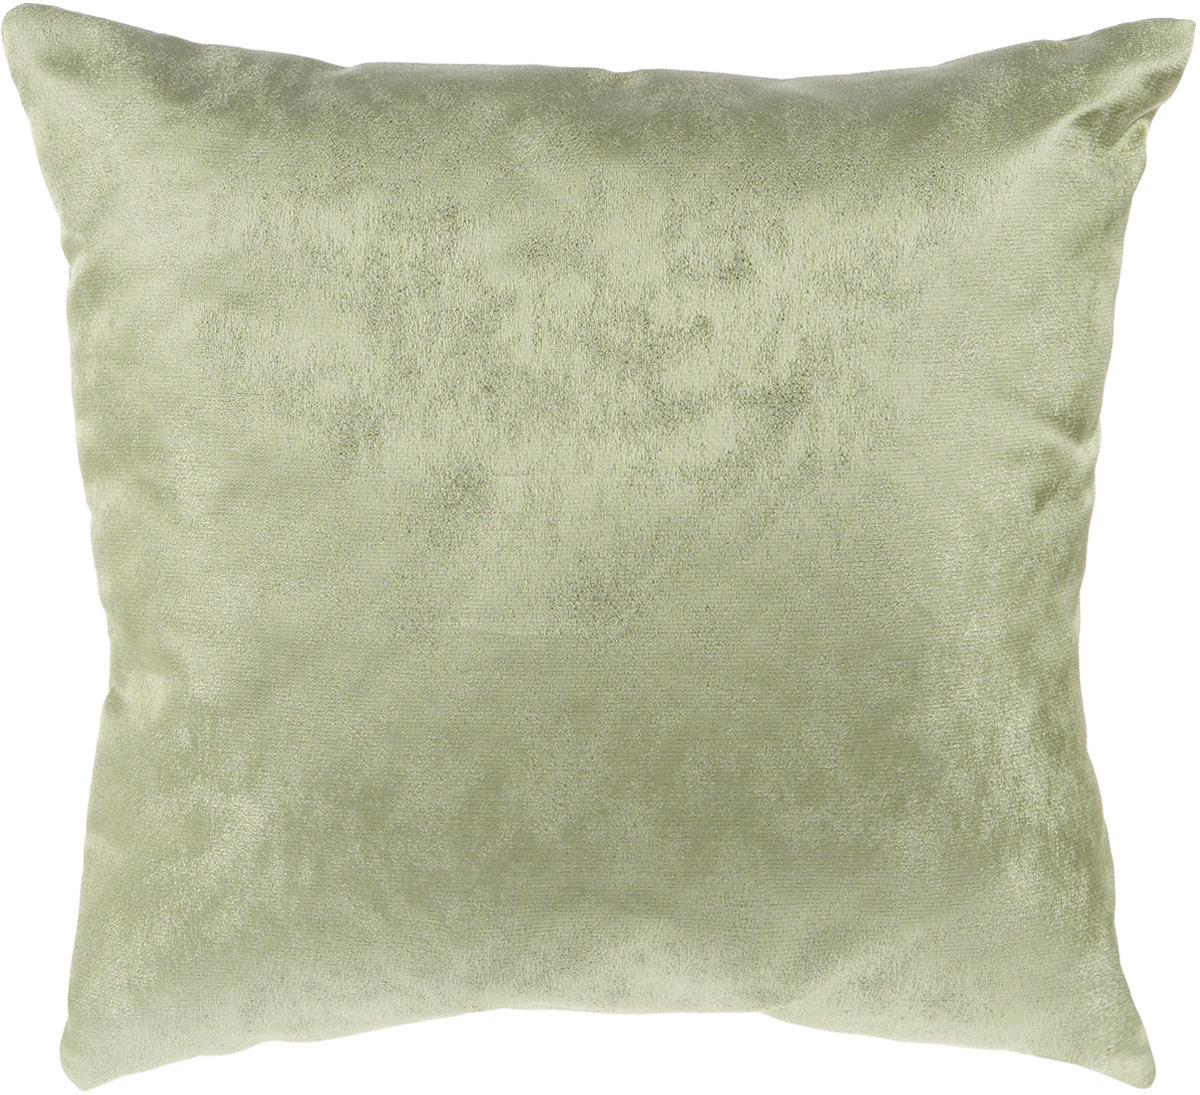 Подушка декоративная KauffOrt Магия, цвет: зеленый, 40 x 40 см3121909686Декоративная подушка Магия прекрасно дополнит интерьер спальни или гостиной. Приятный на ощупь чехол подушки выполнен из полиэстера. Внутри находится мягкий наполнитель. Чехол легко снимается благодаря потайной молнии в тон ткани.Красивая подушка создаст атмосферу уюта и комфорта в спальне и станет прекрасным элементом декора.